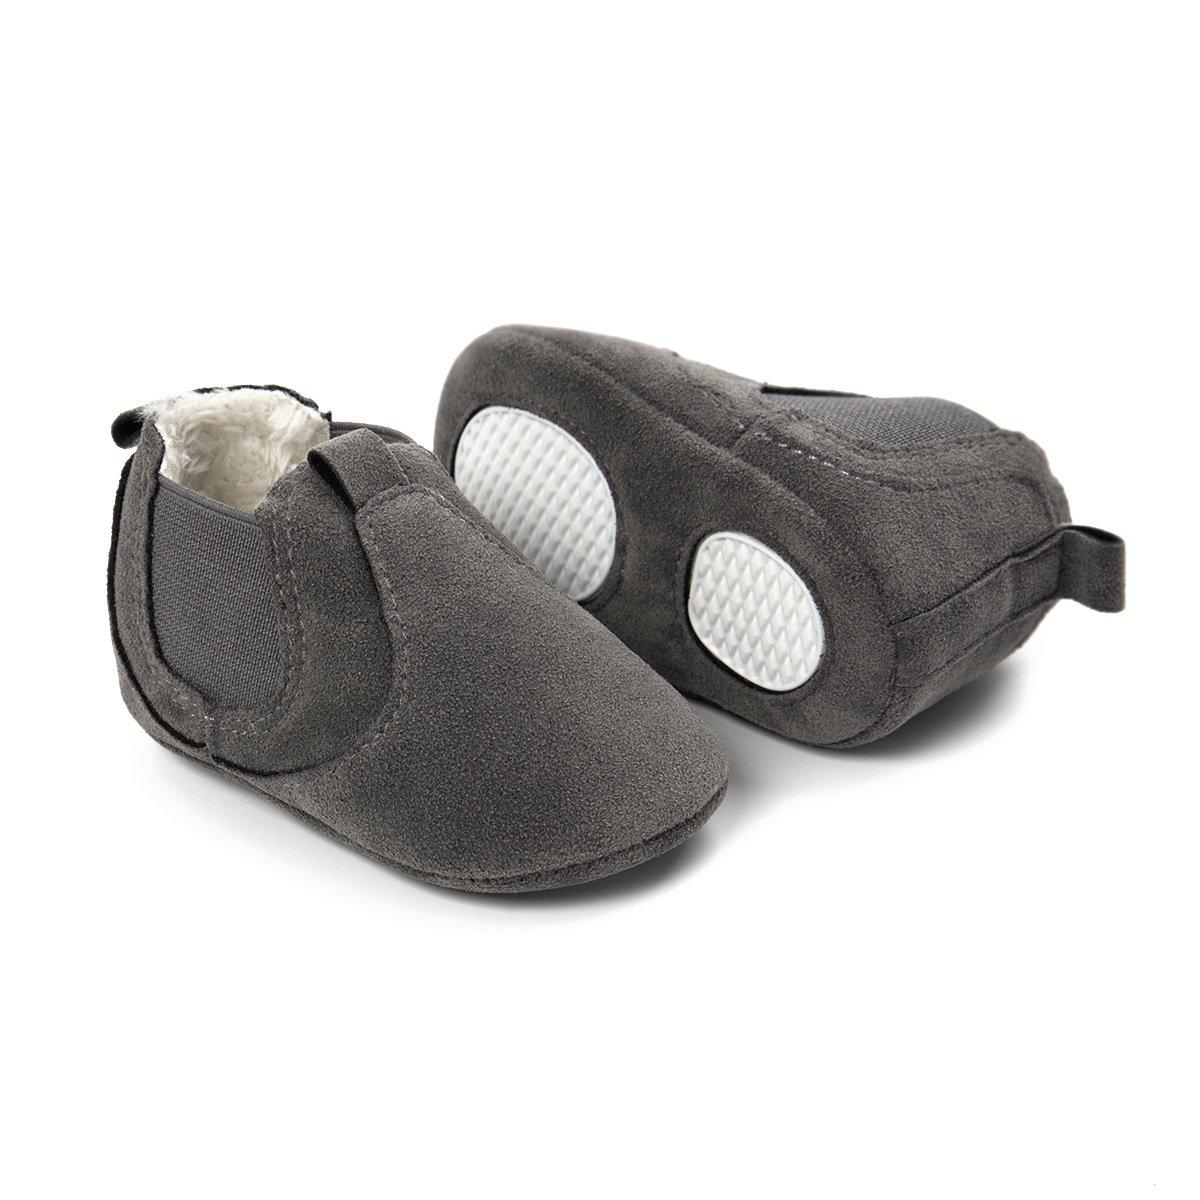 Amazon.com: mjun® Bebé/niños pequeños zapatos de bebé ...